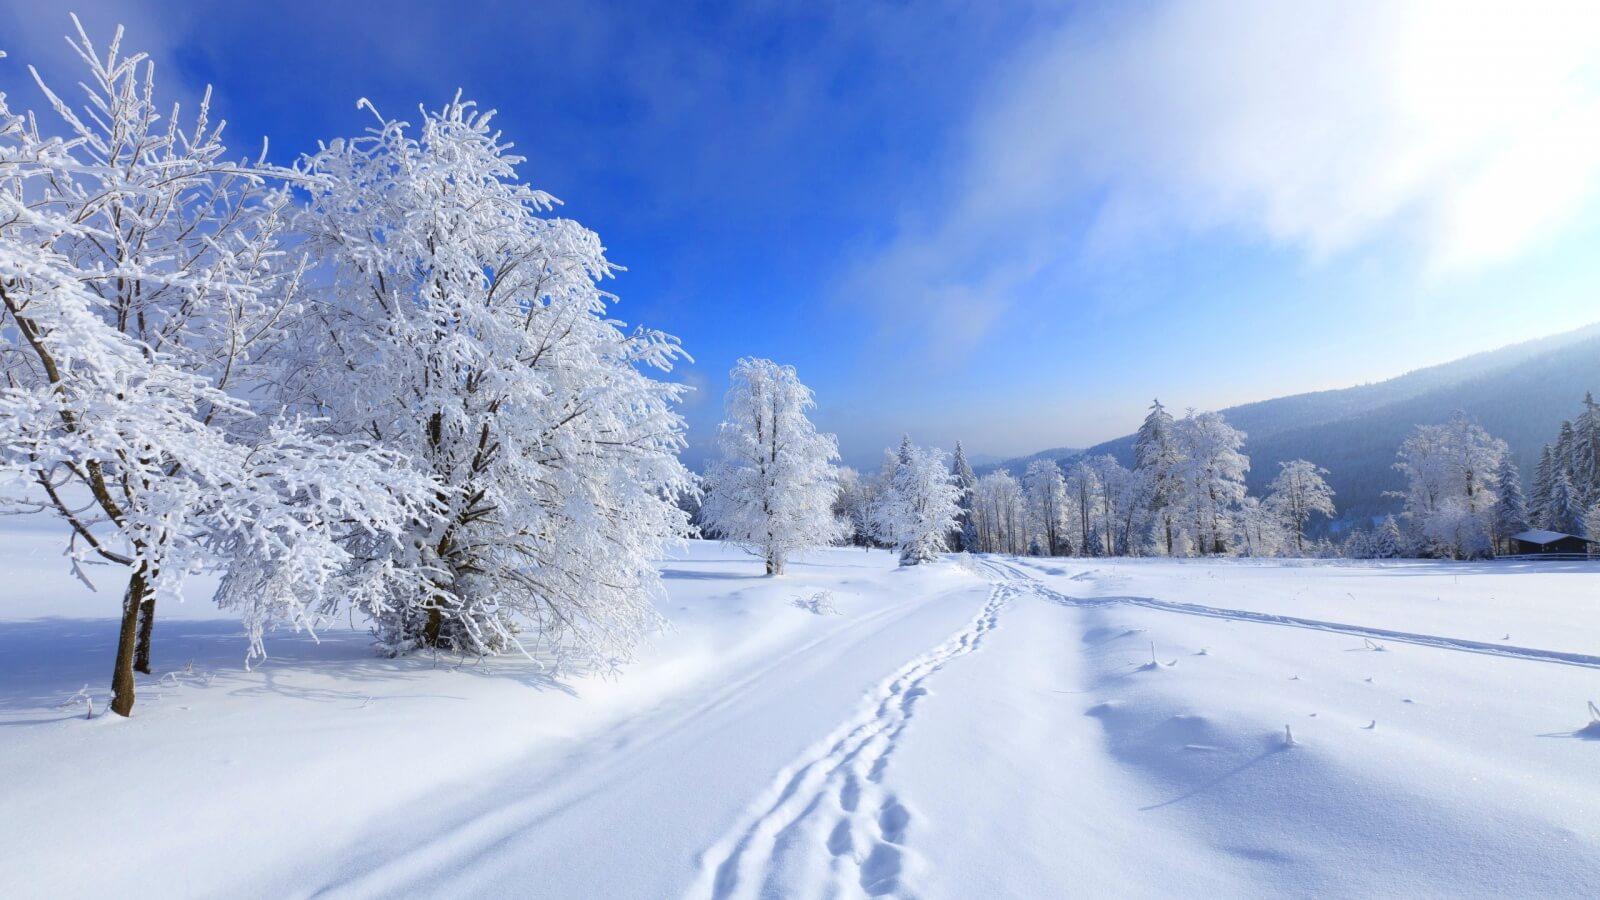 Fondo de pantalla de invierno